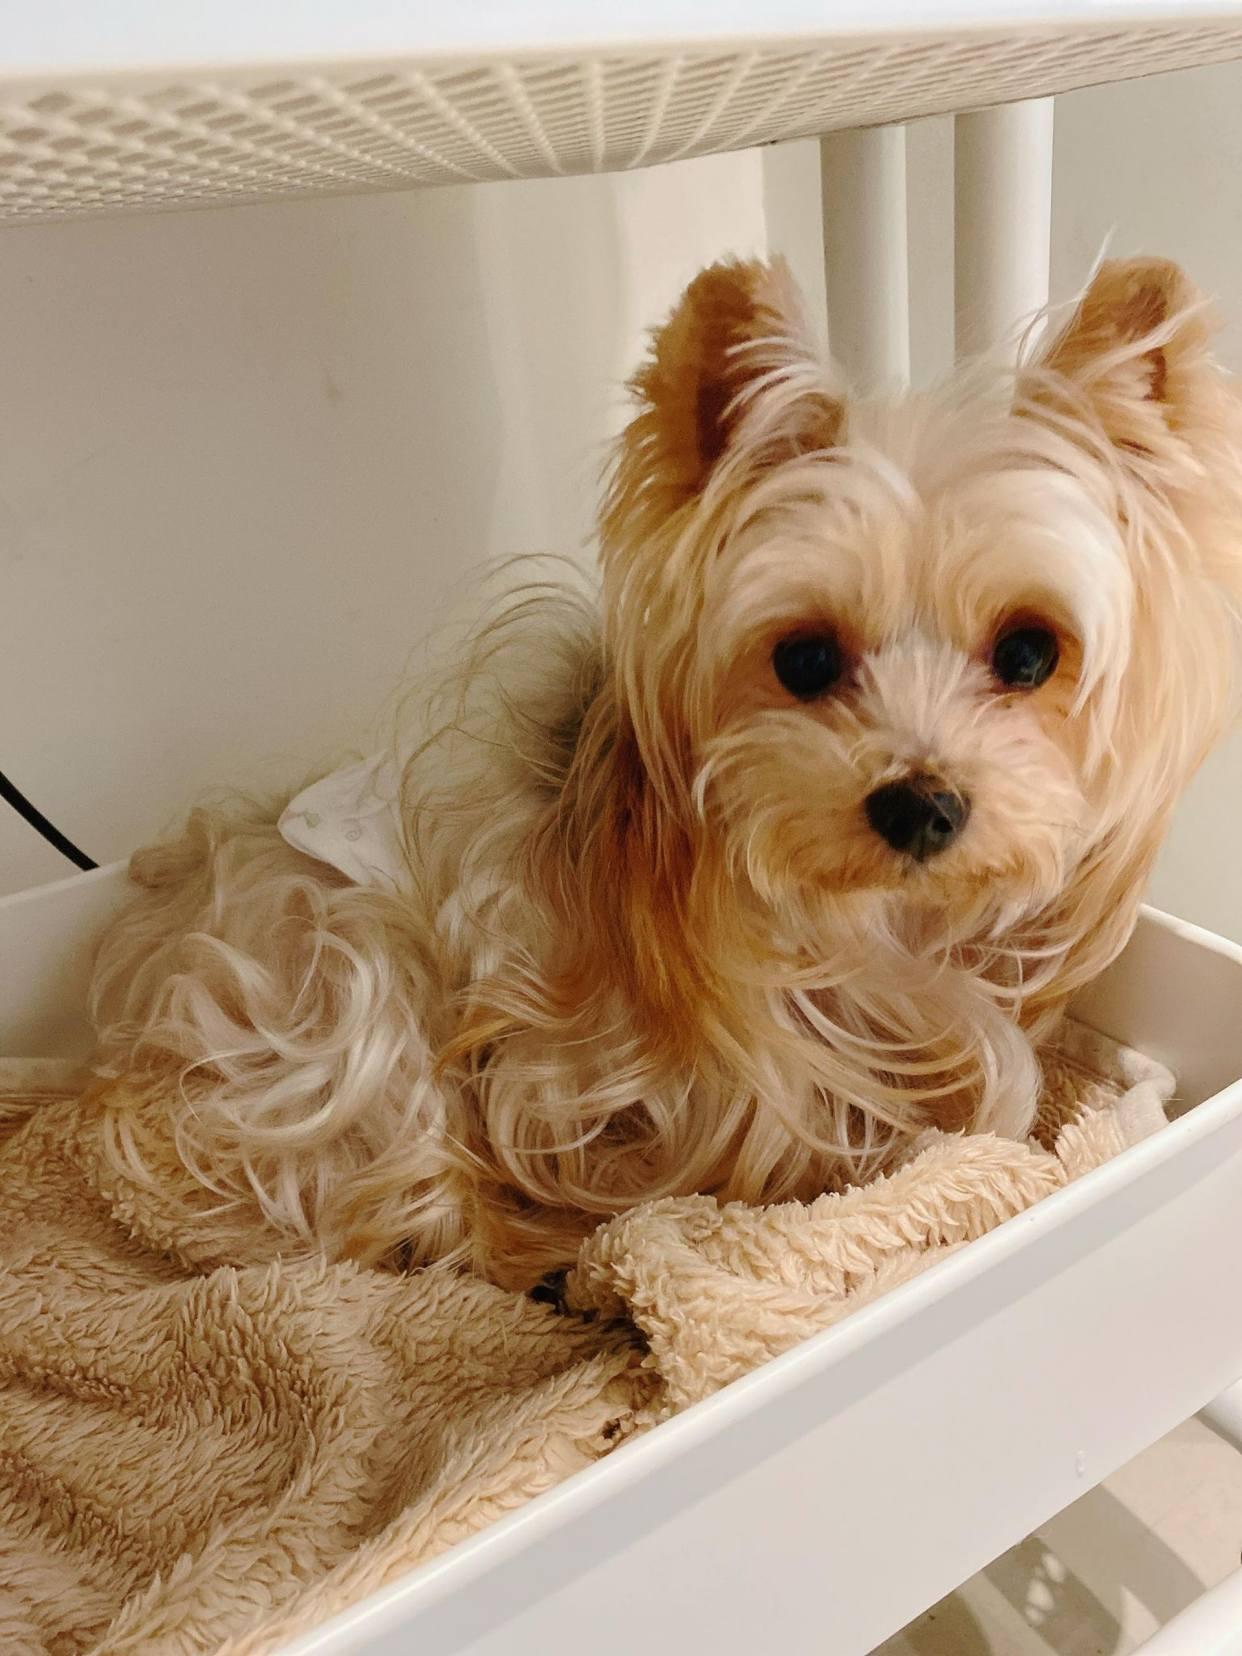 """主人带""""流浪狗""""来美容还要弃养,好心人收养后发现是超美狗狗"""